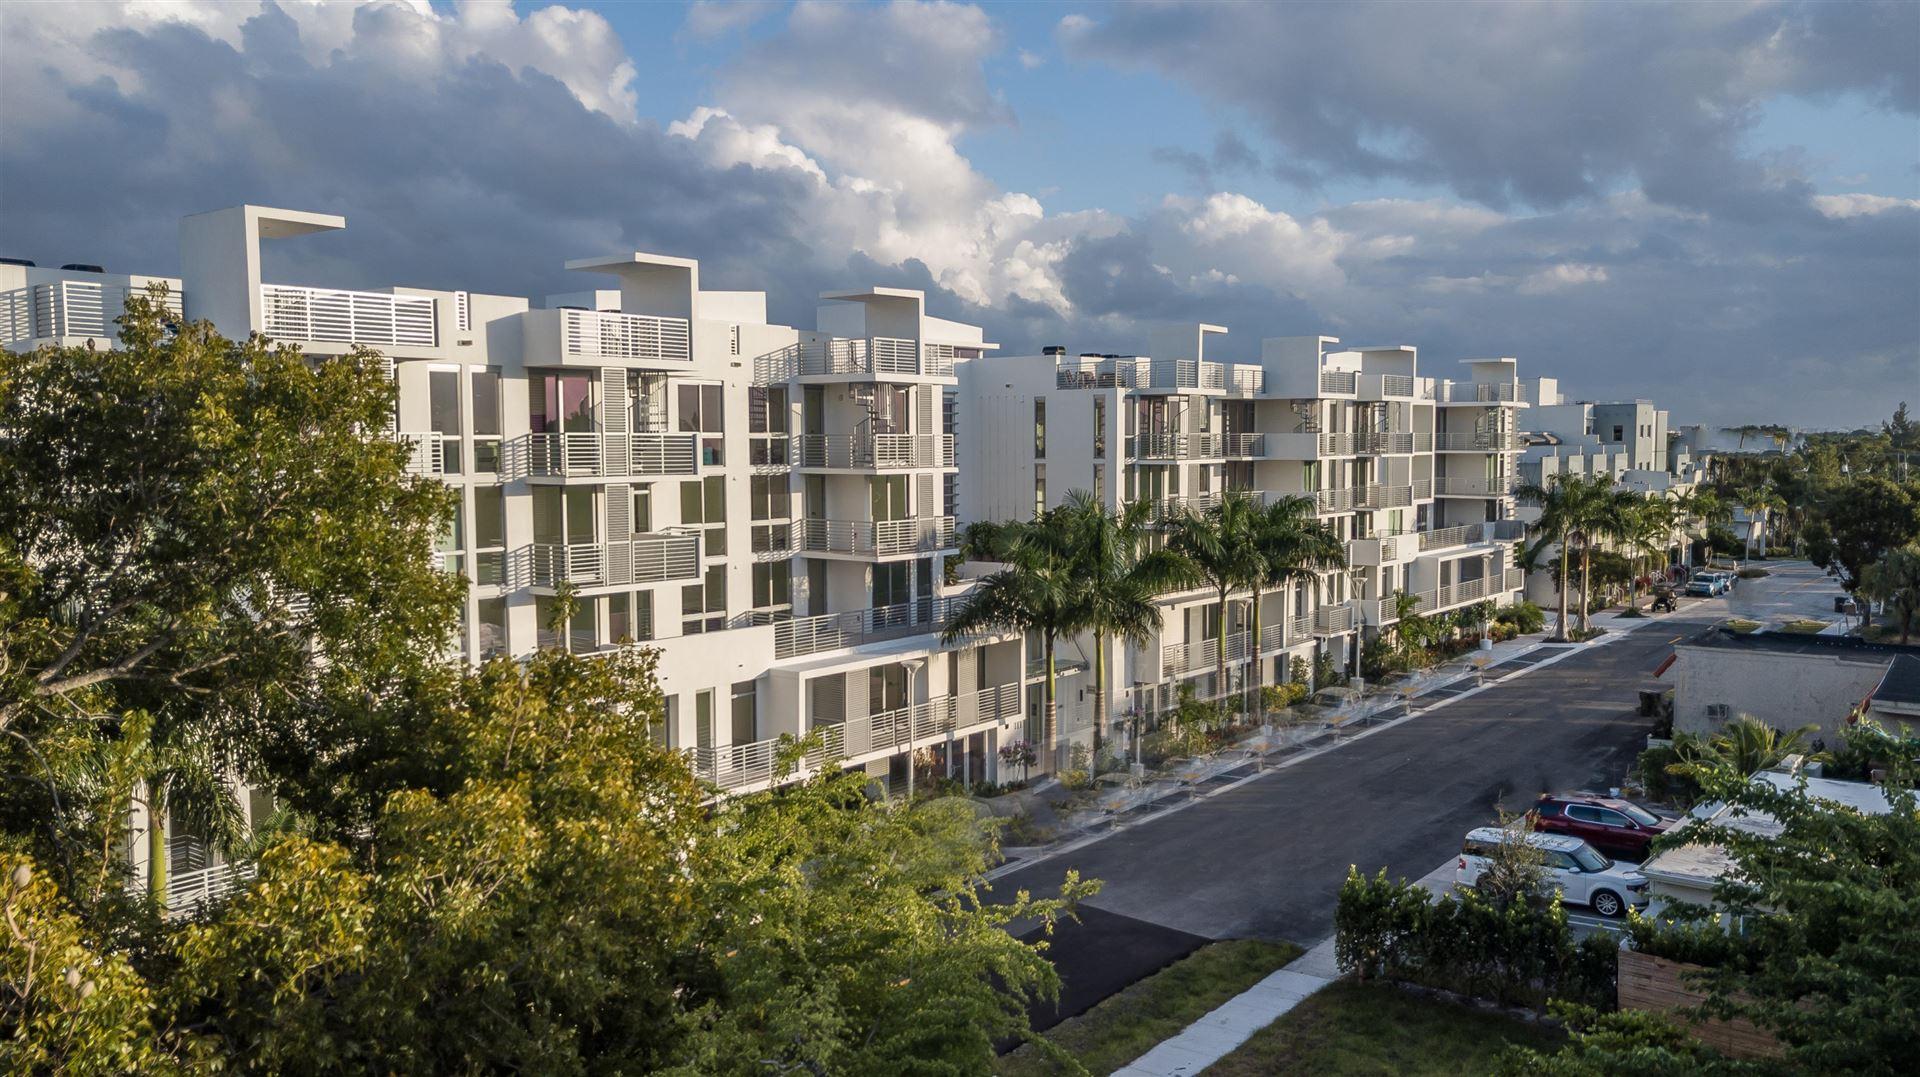 111 SE 1st Avenue #307, Delray Beach, FL 33444 - #: RX-10616809